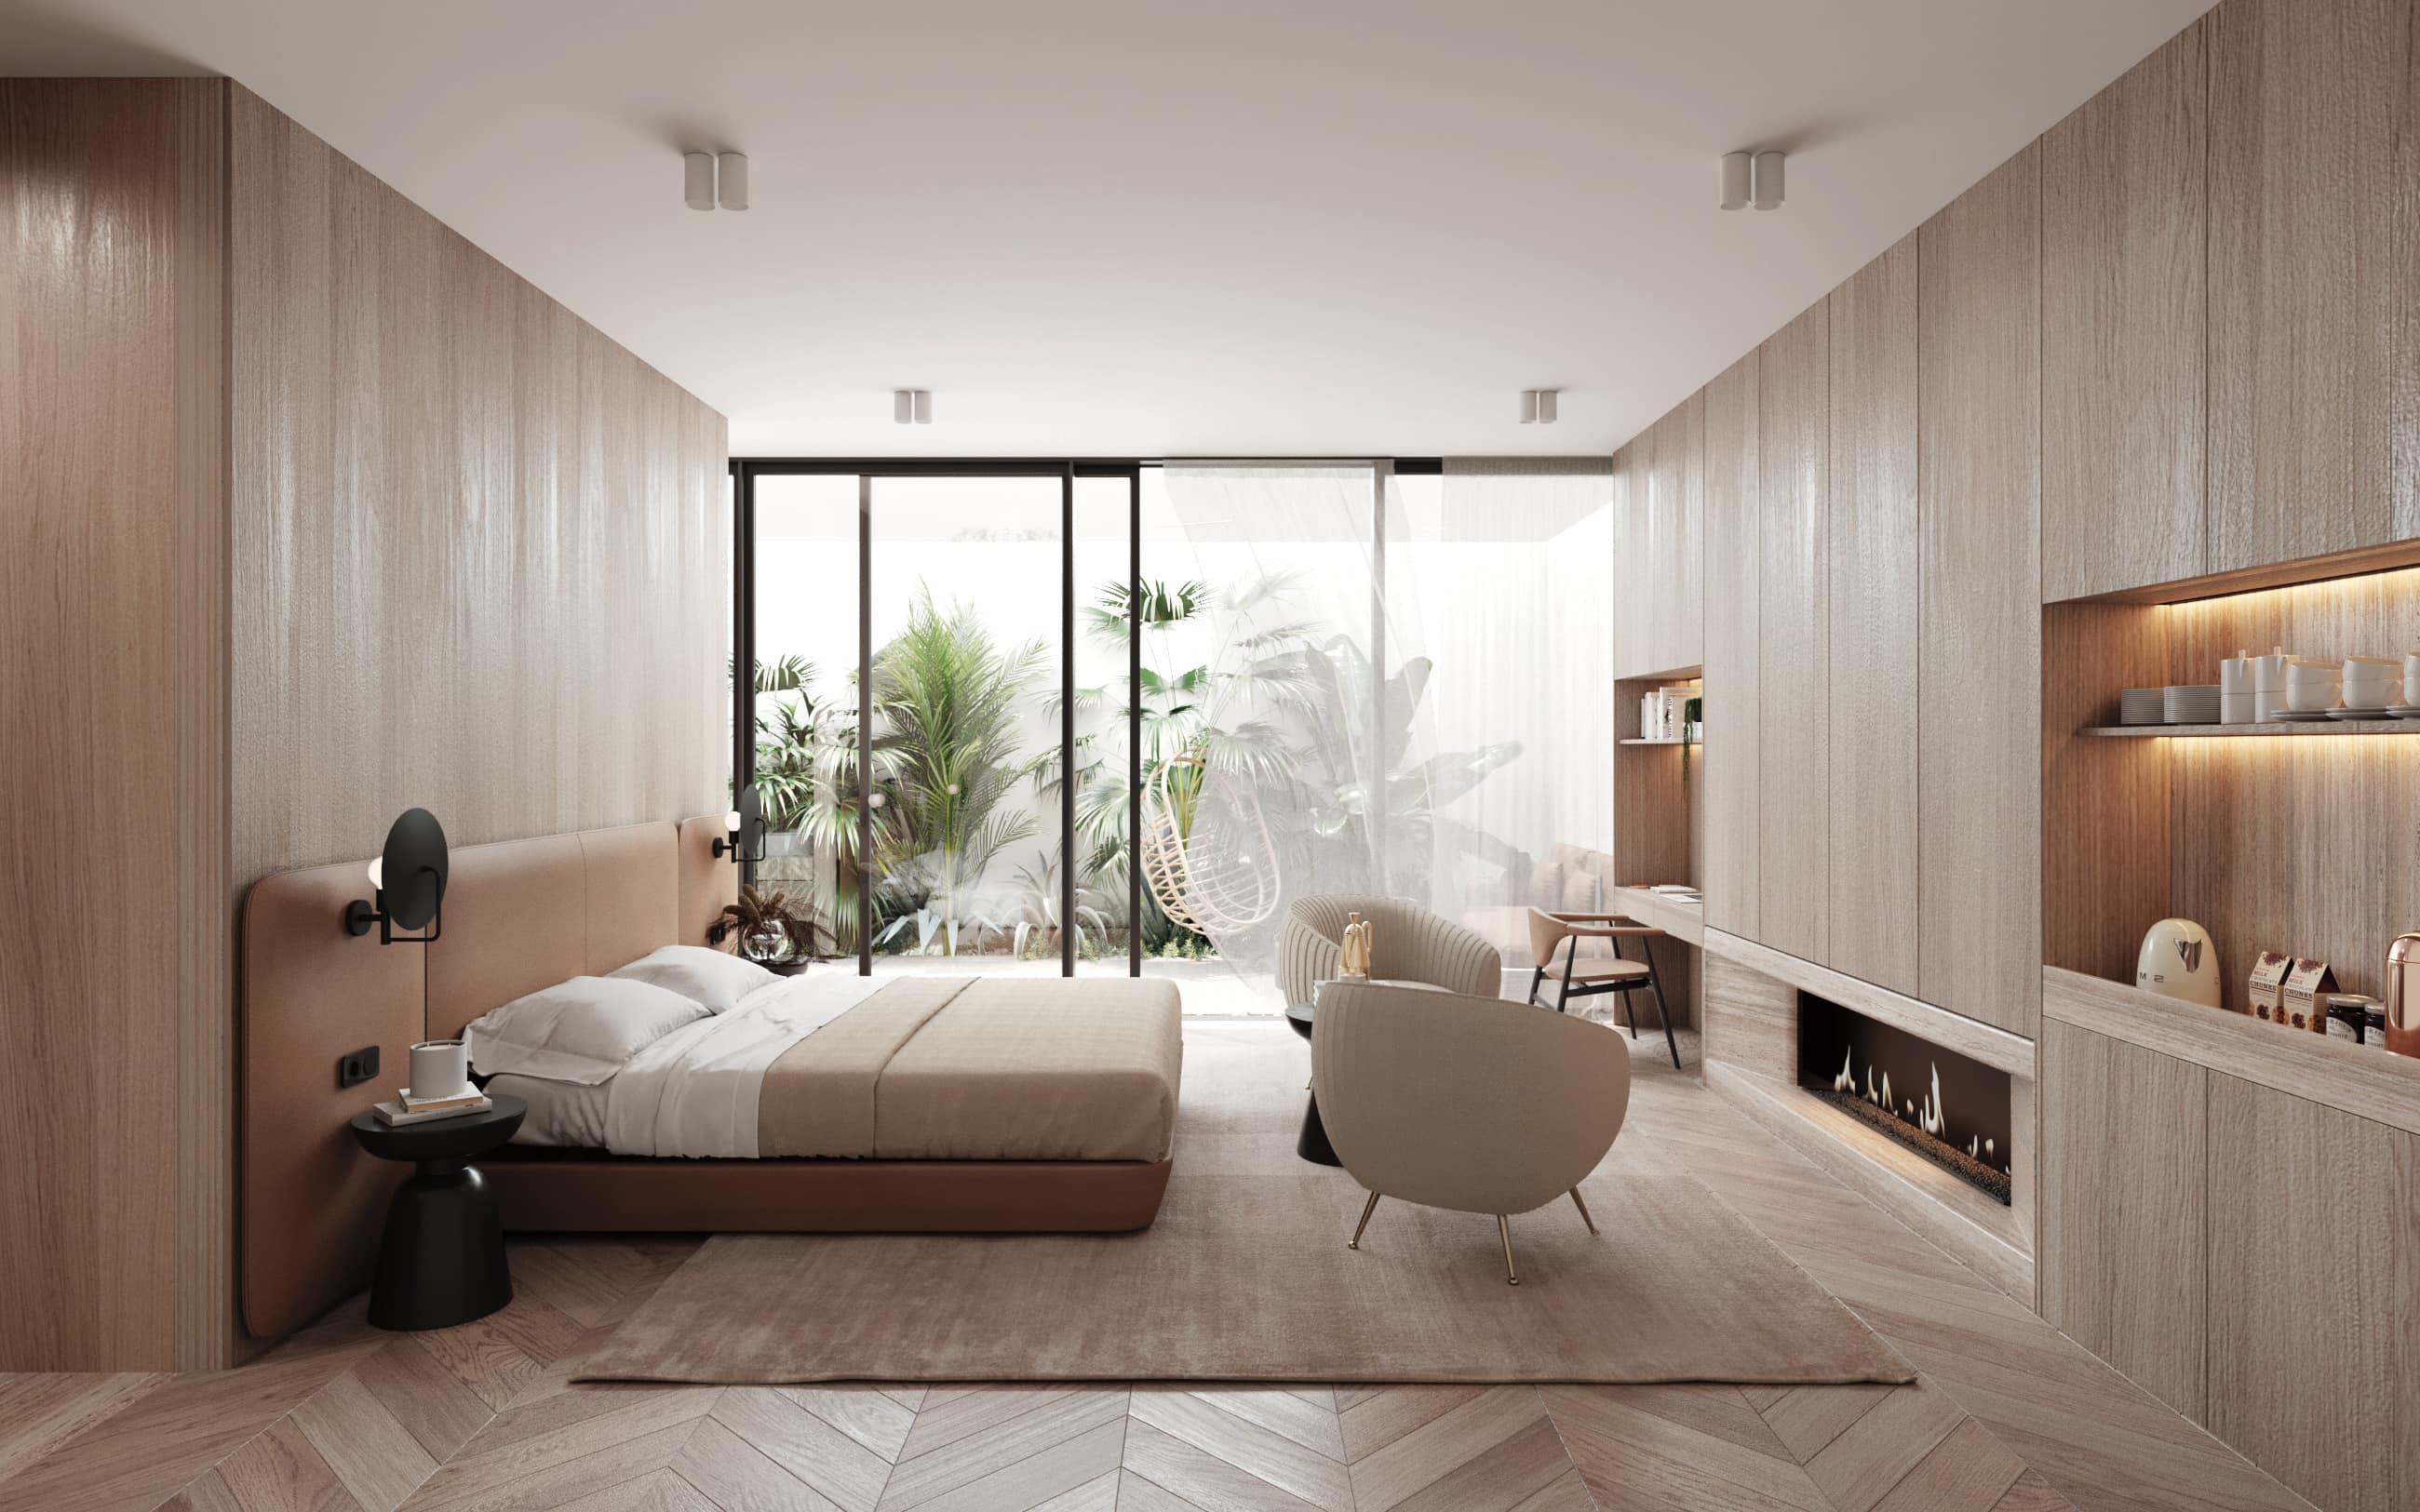 villa designs (34)